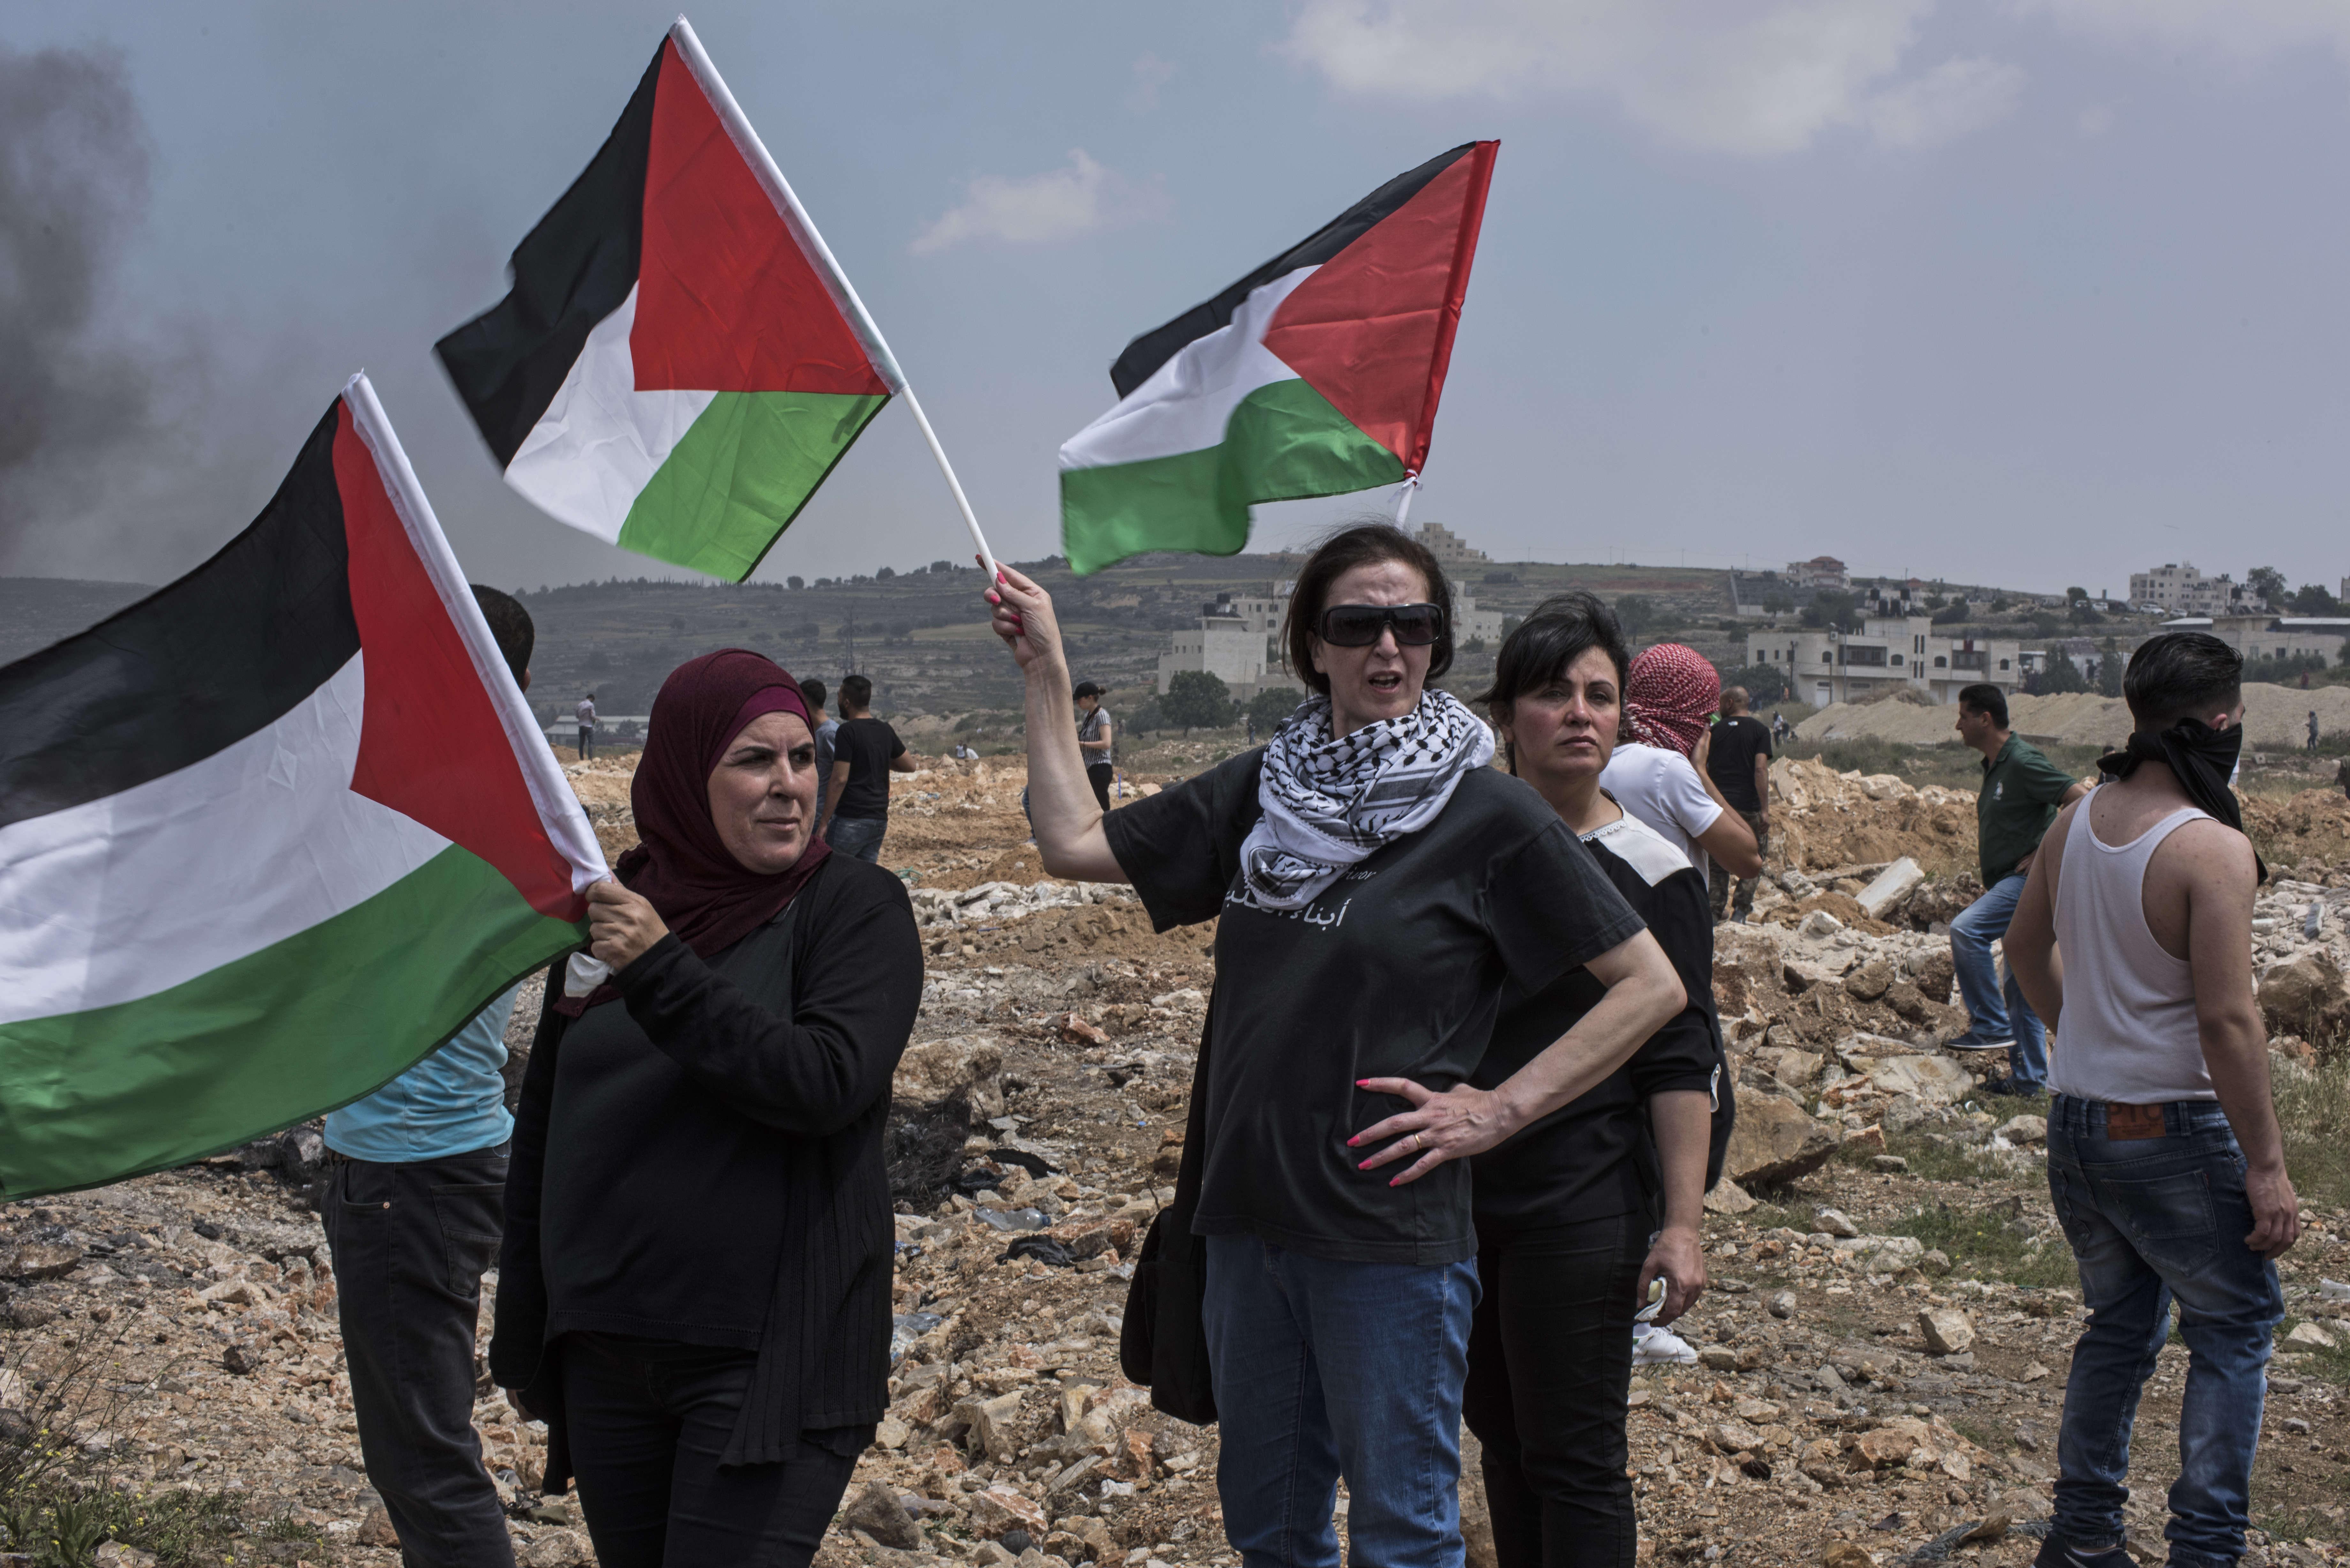 Les femmes occupent une place centrale dans la manifestation. Abeer, la troisième femme en partant de la gauche, est professeure à l'université. Cela fait plusieurs mois qu'elle accompagne sa fille de 16 ans aux manifestations, faute de pouvoir l'empêcher de s'y rendre.